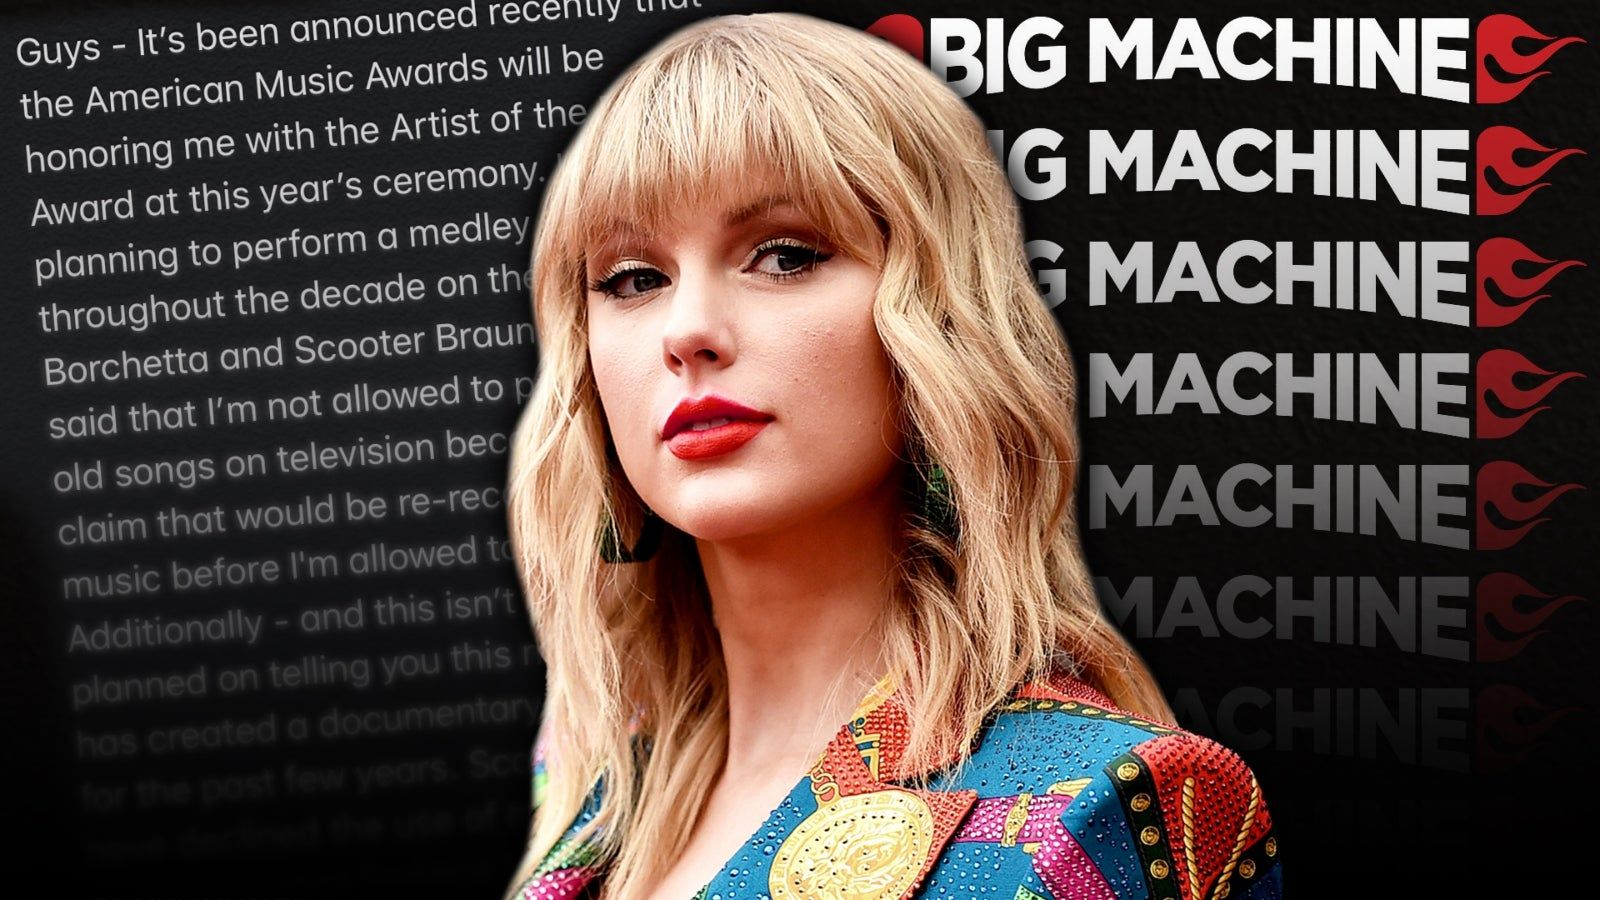 تايلور سويفت تستنجد بمعجبيها وشركة Big Machine تغلق أبوابها بسبب تهديدات بالقتل American Music Awards Guys Performance